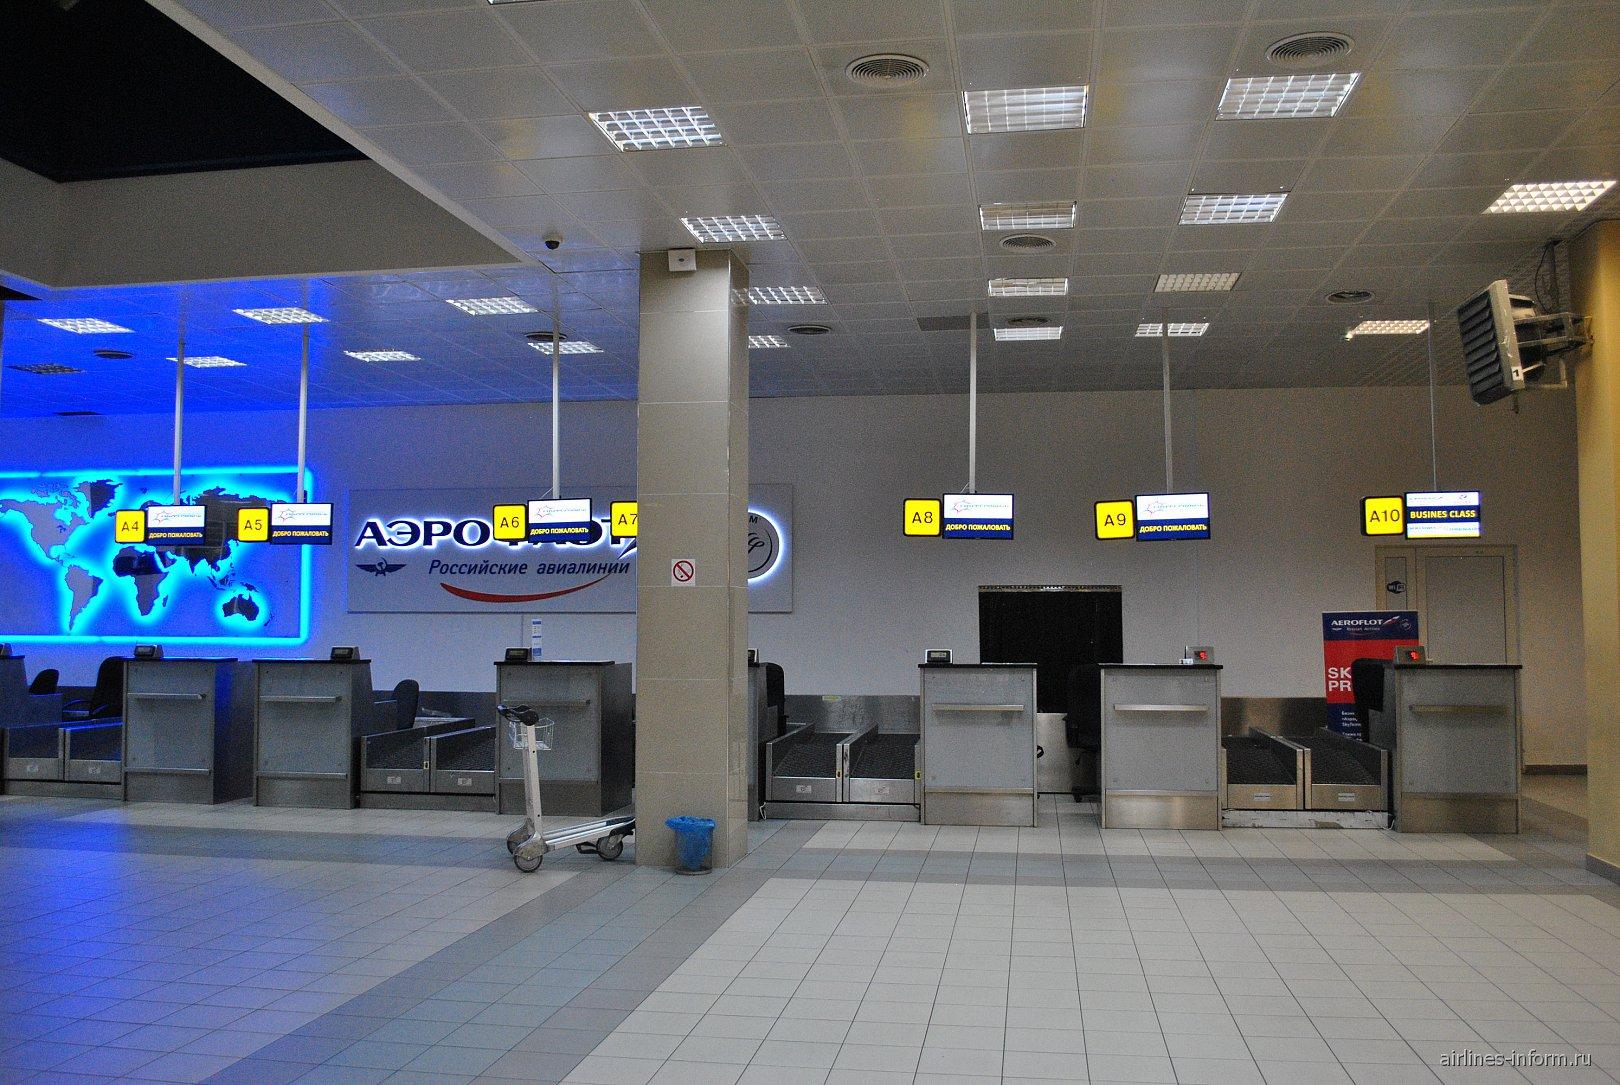 Стойки регистрации в терминале А аэропорта Симферополь